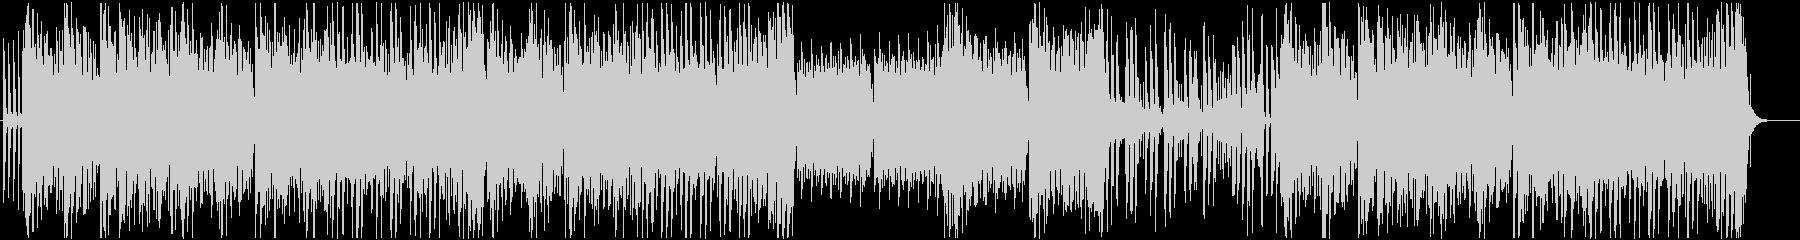 童謡っぽい かわいいトロピカルハウスの未再生の波形